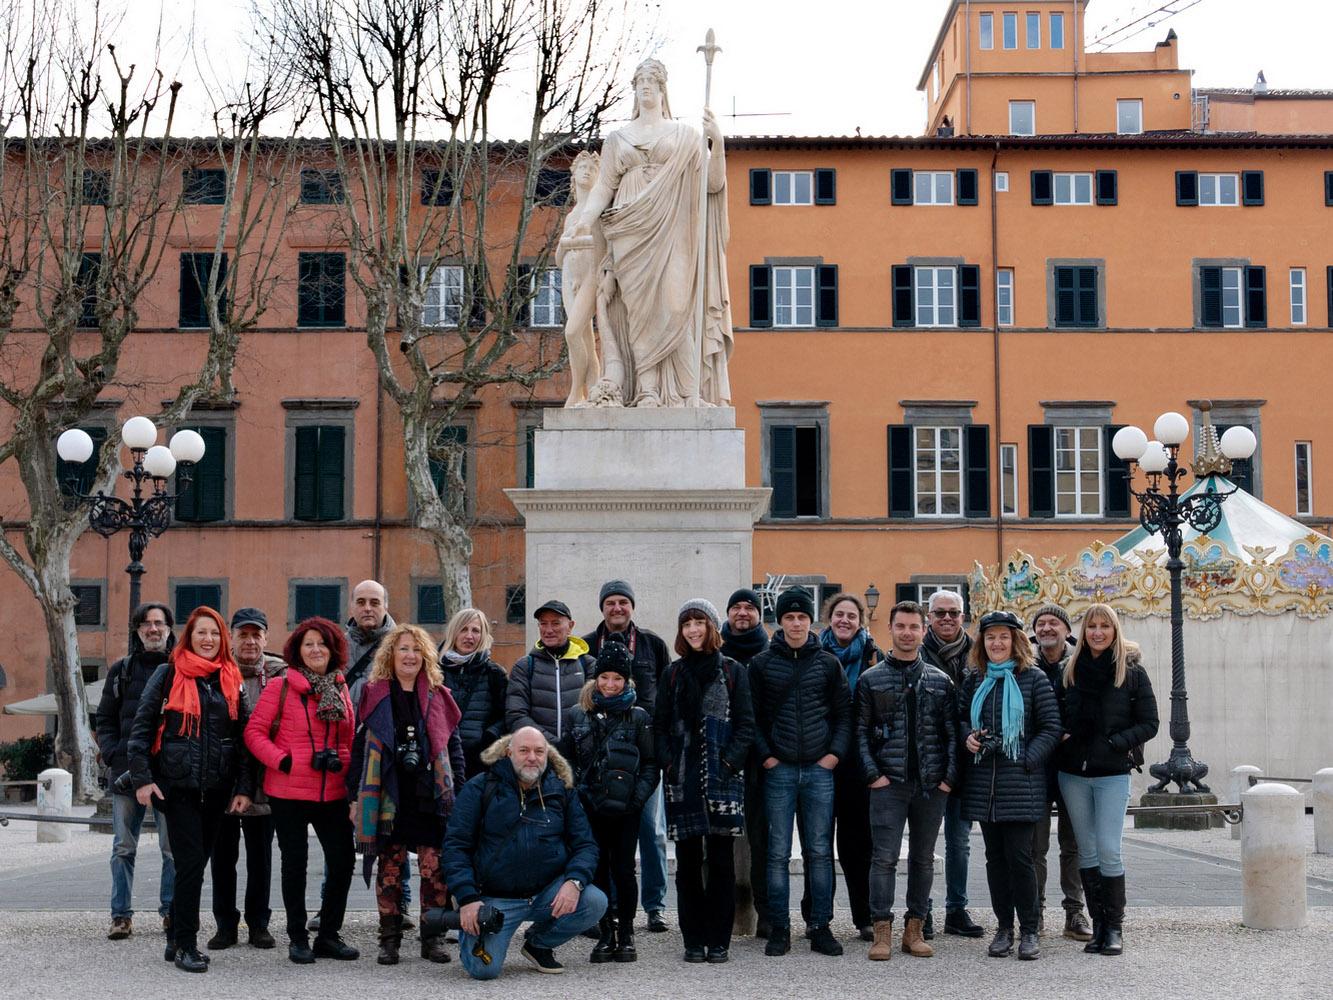 20° Corso di Fotografia, workshop a Lucca.